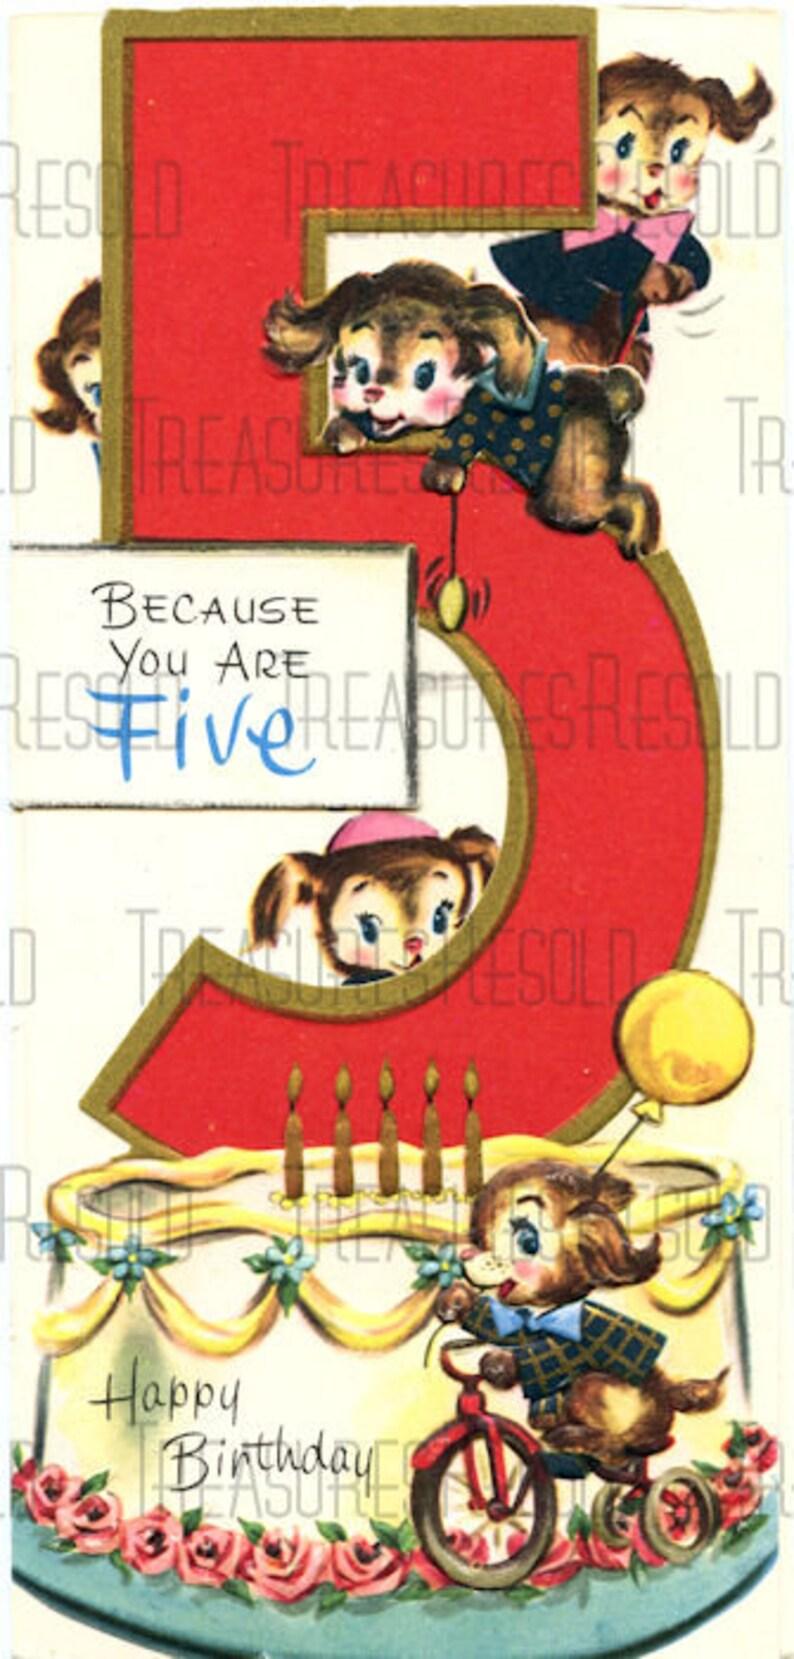 Buon Compleanno 5 Anni Cucciolo Cane Birthday Cake Card 638 Etsy